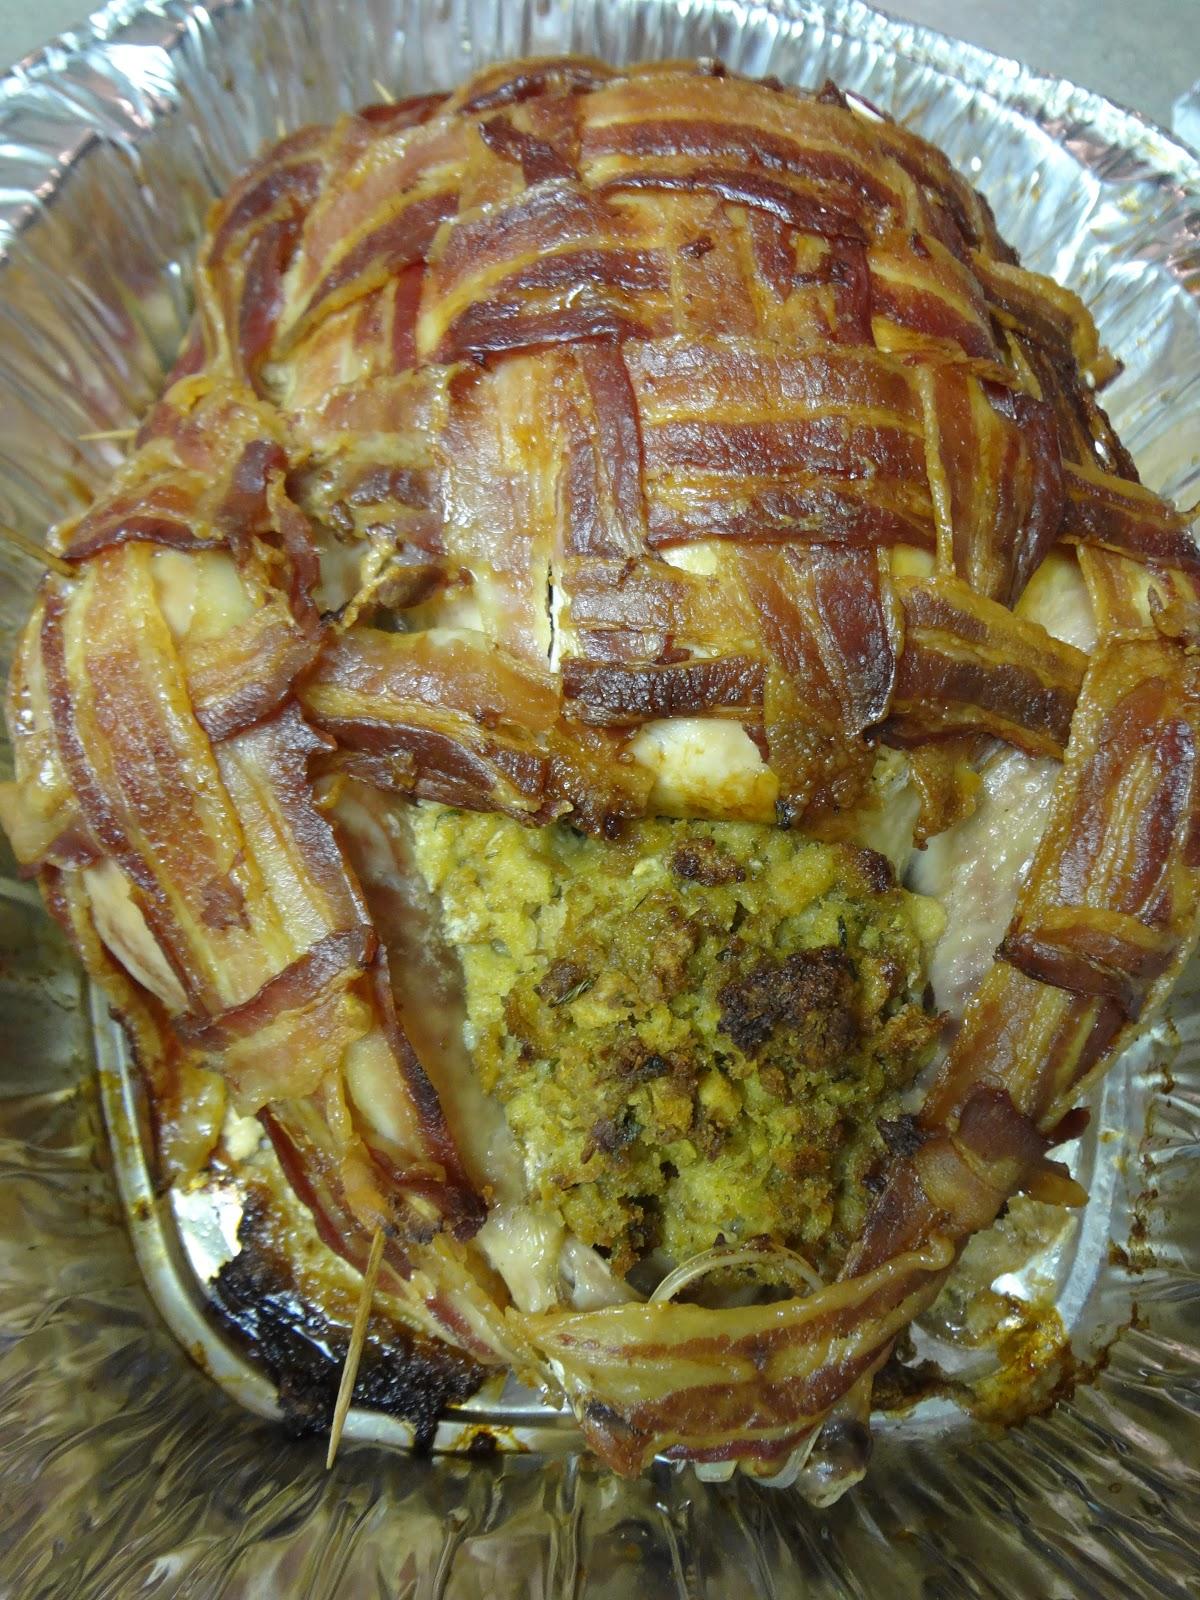 Crafty Night Owls: Bacon Wrapped Turkey